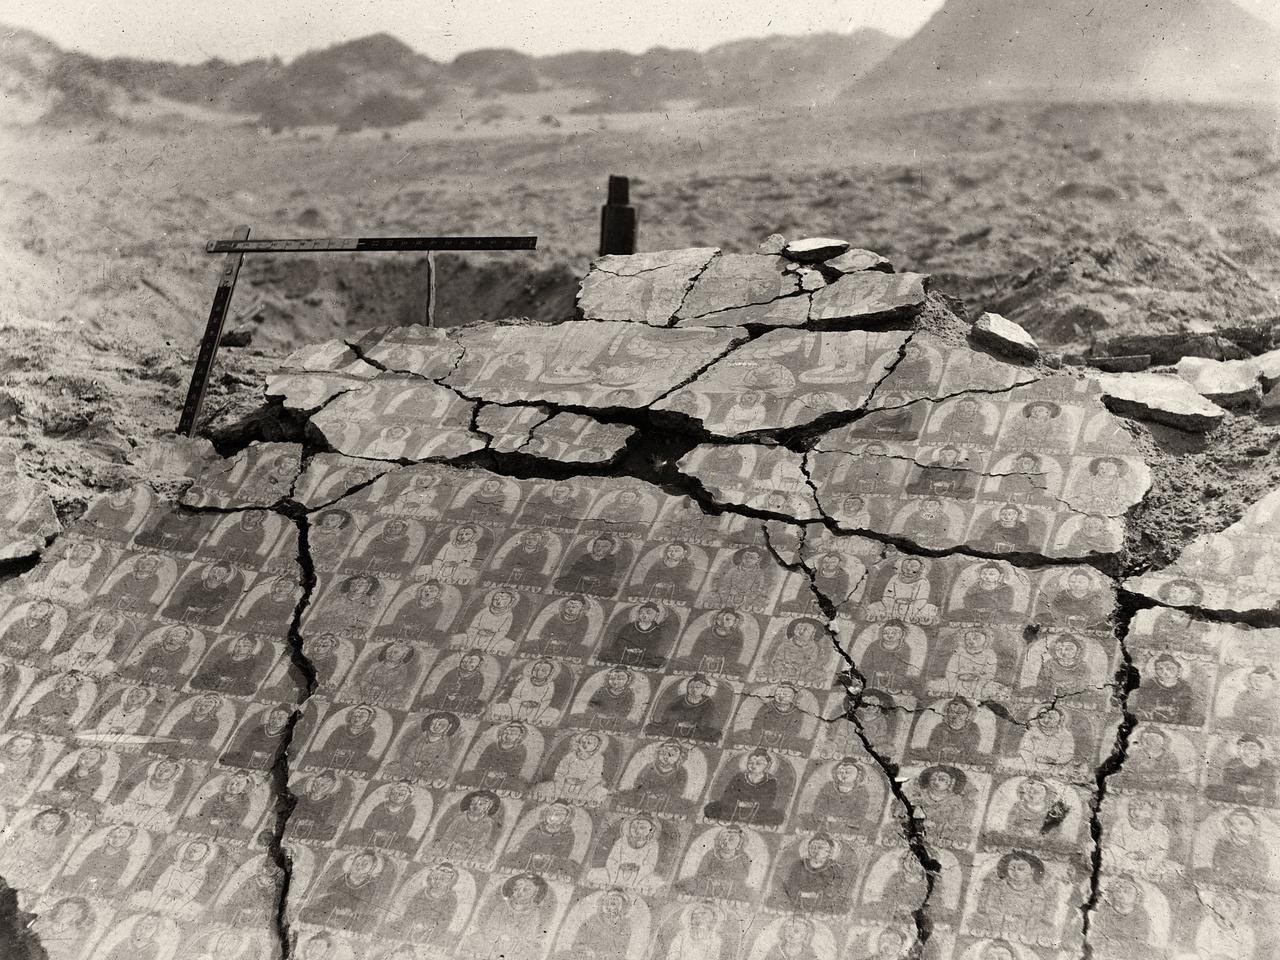 Az Ezer Buddha templom kincseinek megtalálása a régészet történetének egyik nagy felfedezése volt. A páratlan irategyüttes majdnem egy évezredig pihent a barlang hátsó részében elfeledve, de a falaknak és a száraz klímának köszönhetően remek állapotban. A kéziratok egészen változatos eredetűeknek bizonyultak. A IV. századtól a XI.-ig keletkeztek a legkülönbözőbb nyelveken: ősi szanszkrit szövegek, ótörök rovásírás, manicheus, szír keresztény, nesztoriánus, ujgur és tibeti vallásos szövegek, hellenisztikus hatást mutató buddhista emlékek, brahmi szent könyvek indiai pálmaleveleken, egy zsidó kereskedő imája, egy eladott rabszolgalányról szóló szerződés - igazi multikulti Közép-Ázsiából. Itt, a világtól rejtett szentélykönyvtárban pihent Stein Aurél érkezéséig a világ legkorábbi részletes csillagatlasza is, valamint a Gyémánt szútra egy 868-ban nyomott példánya is. Ez a világ legkorábbi ismert nyomtatványa, melynek felfedezése szintén a magyar régész nevéhez fűződik.